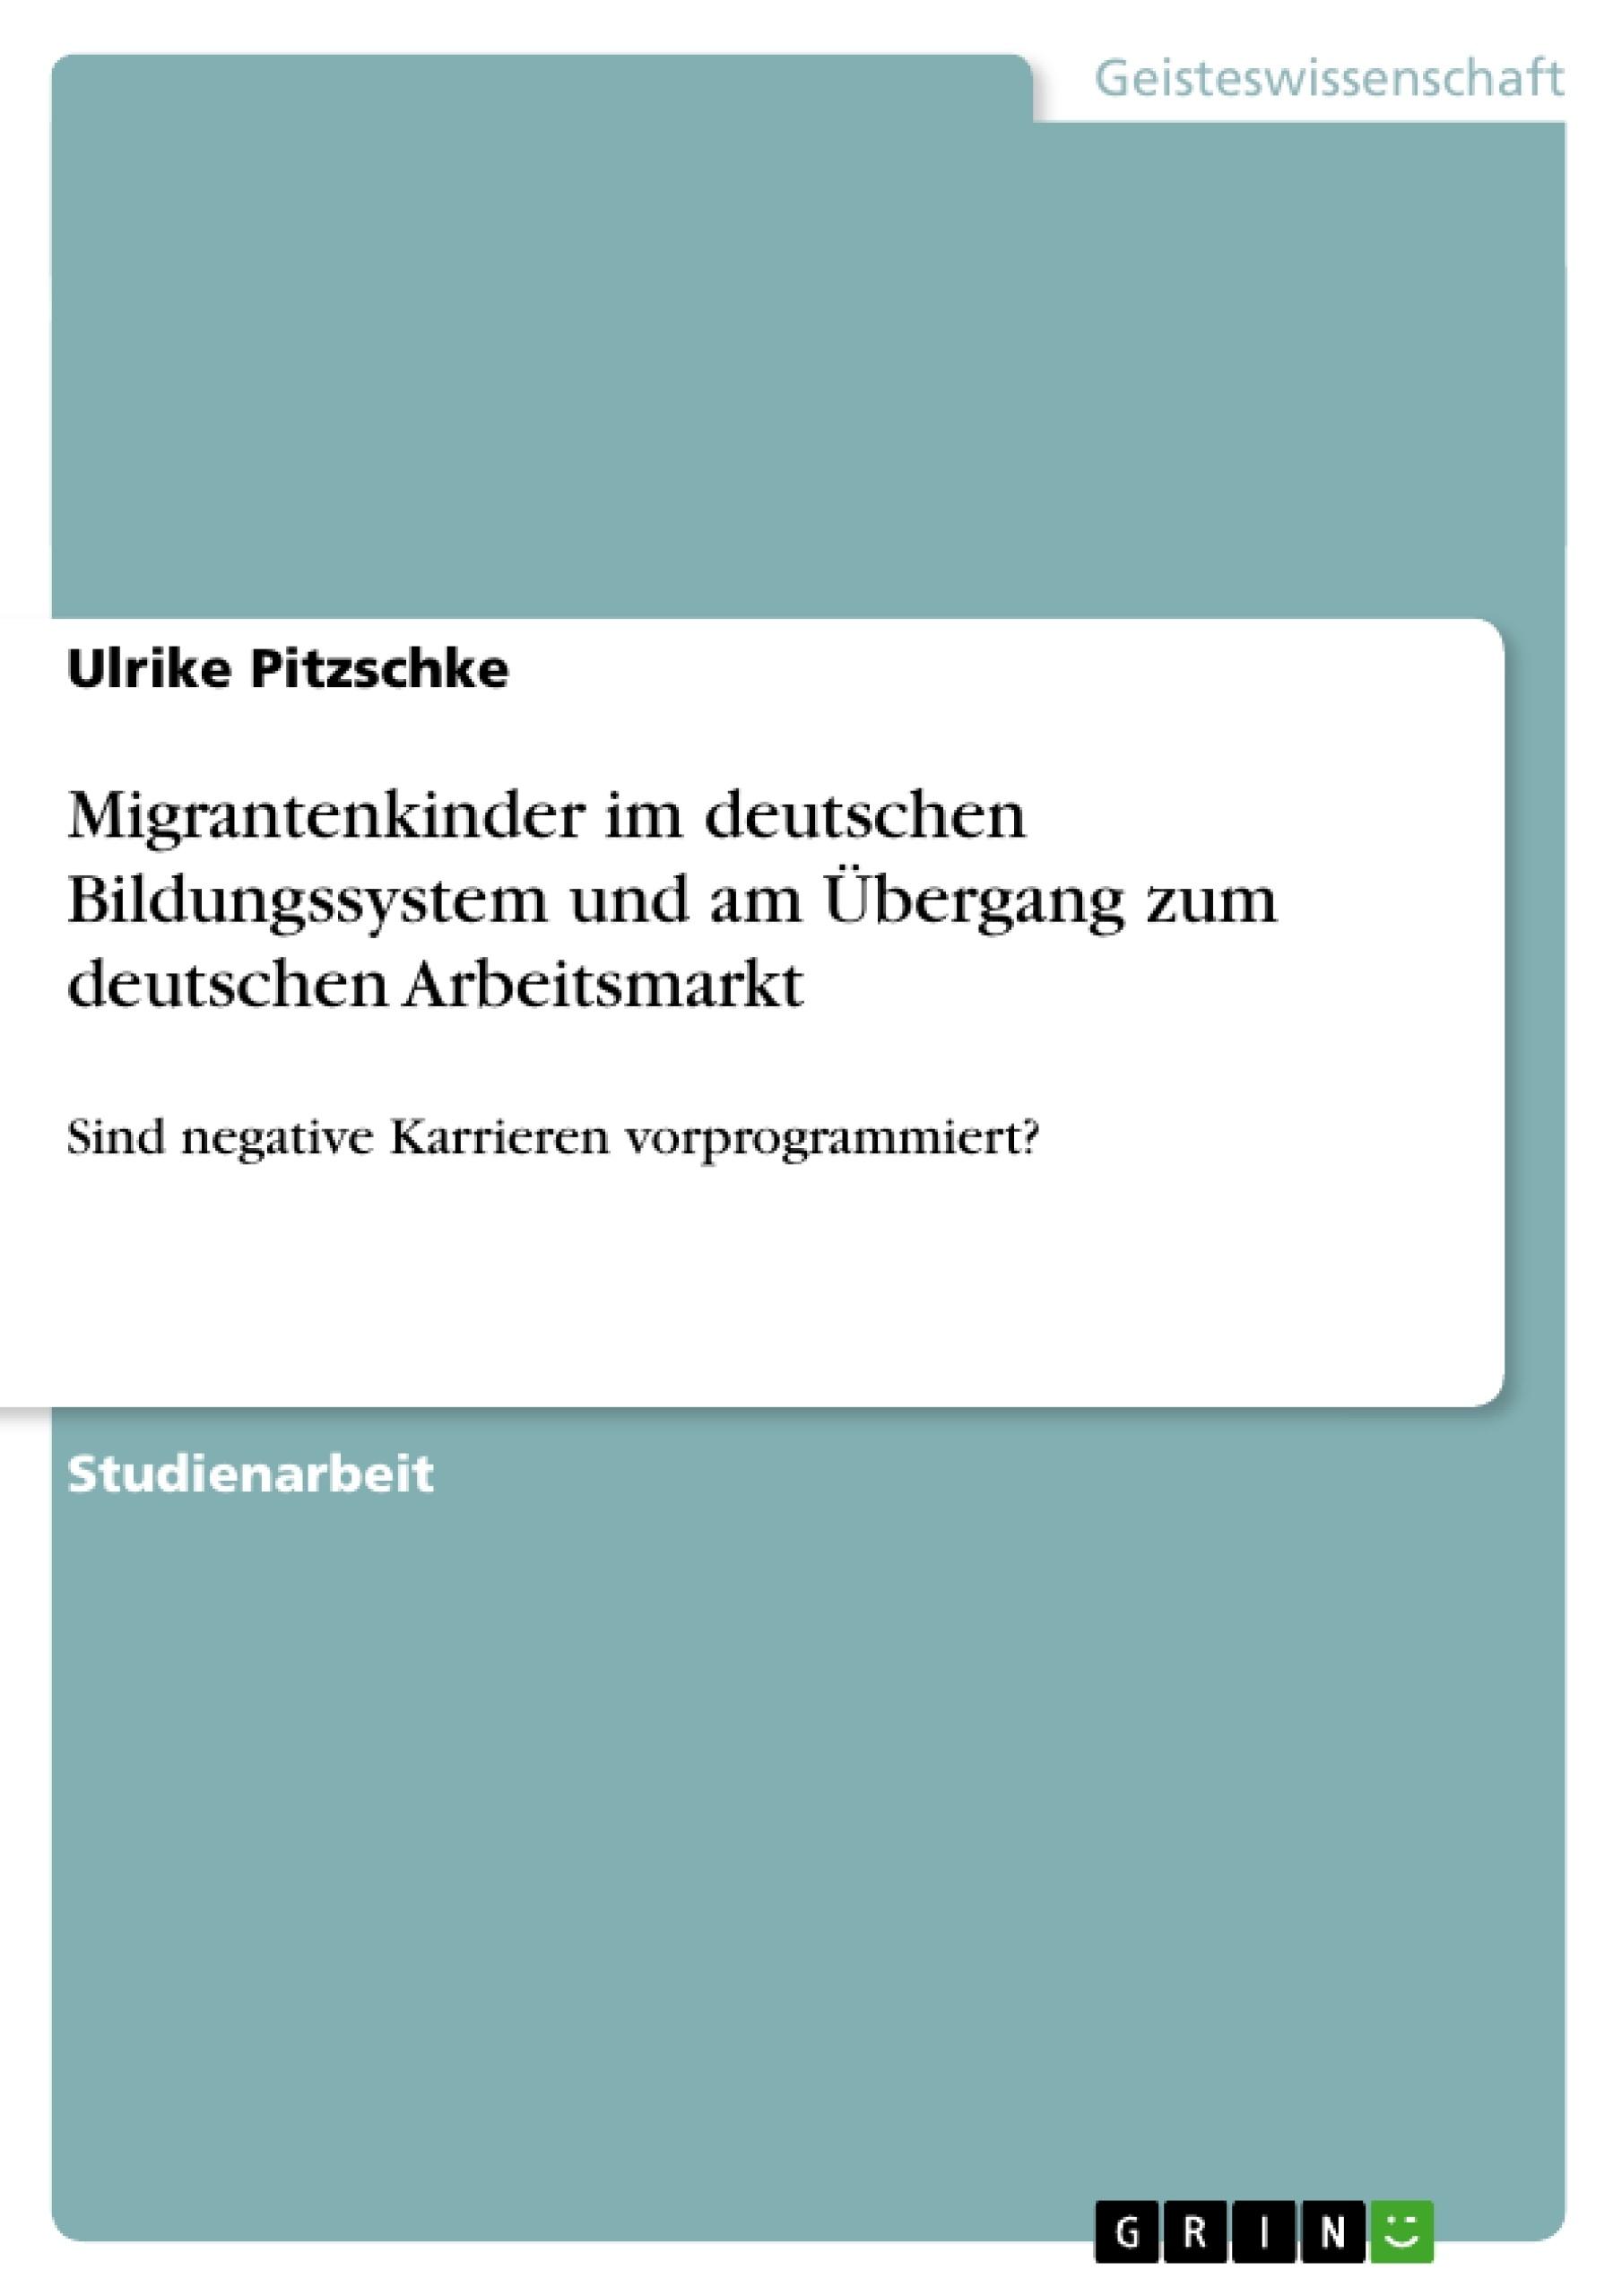 Titel: Migrantenkinder im deutschen Bildungssystem und am Übergang zum deutschen Arbeitsmarkt